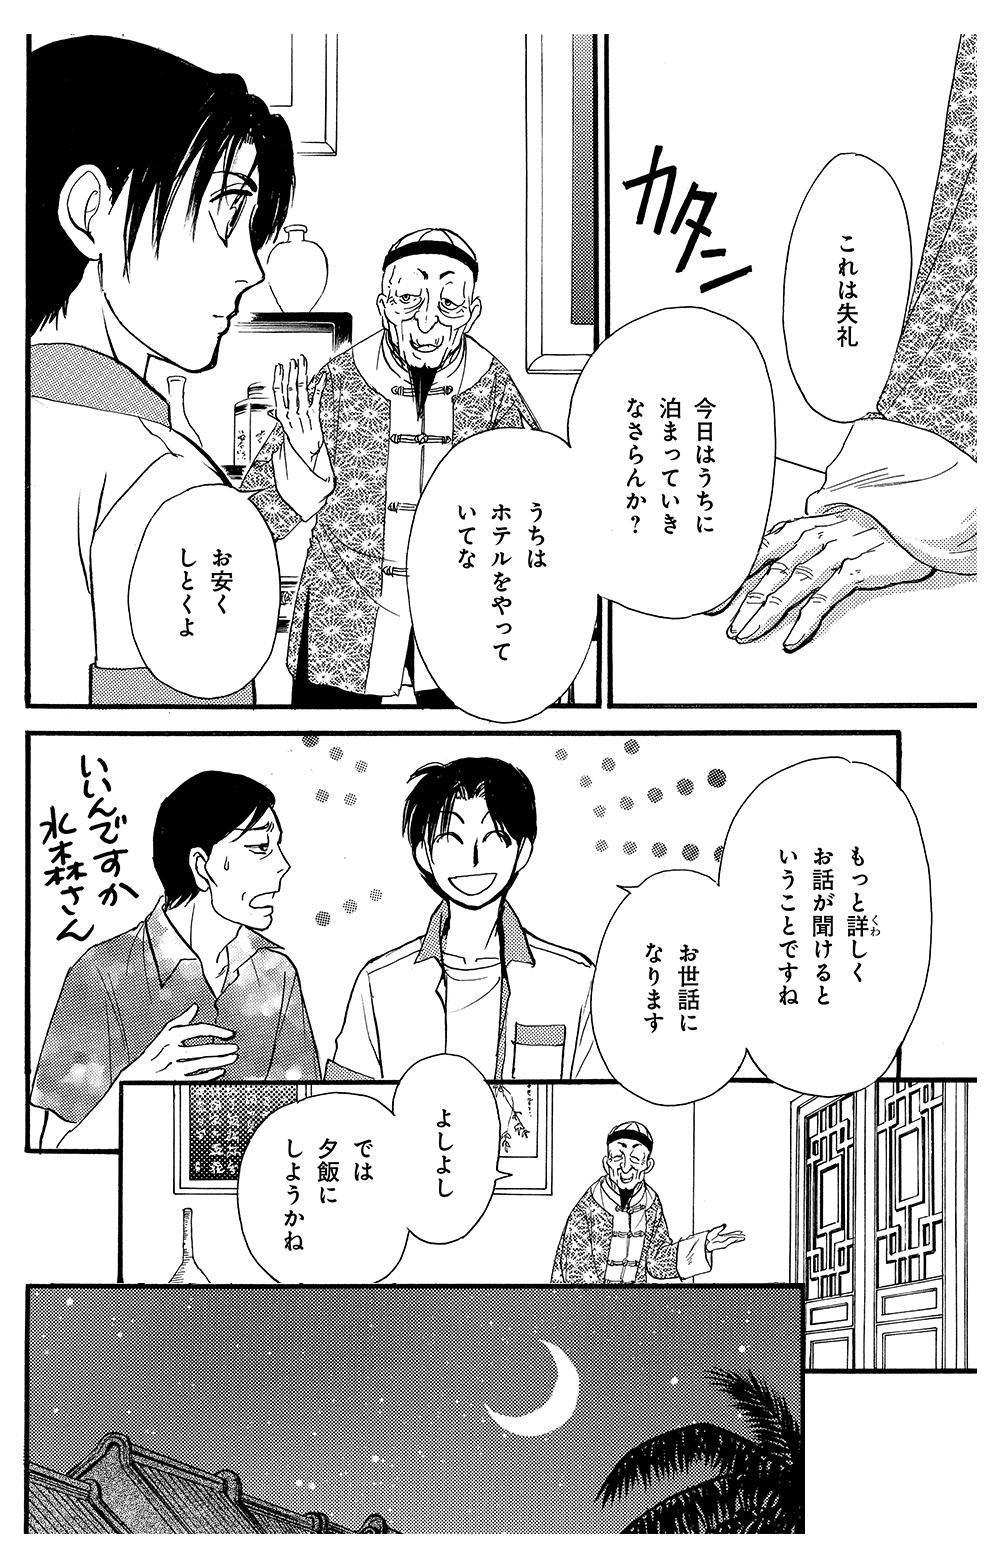 くにのまほろば 第1話 ①kunimaho01-13.jpg